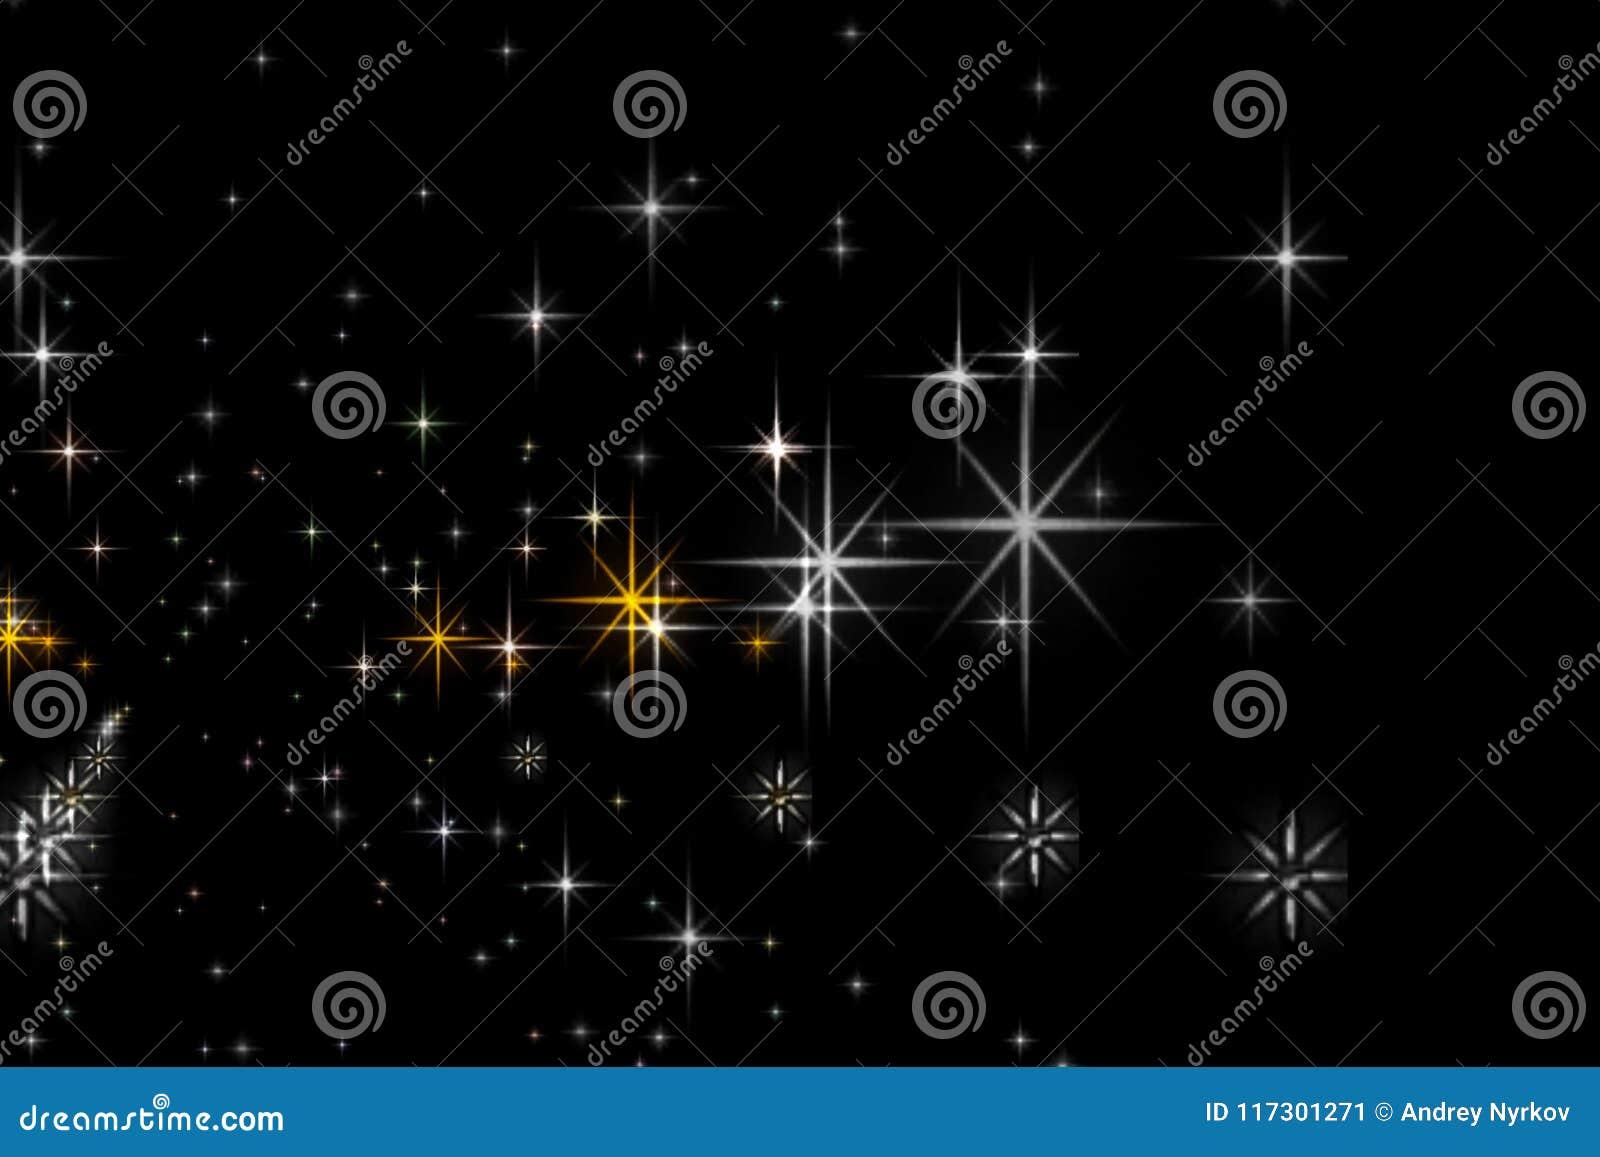 Estrellas Animadas Con Movimiento